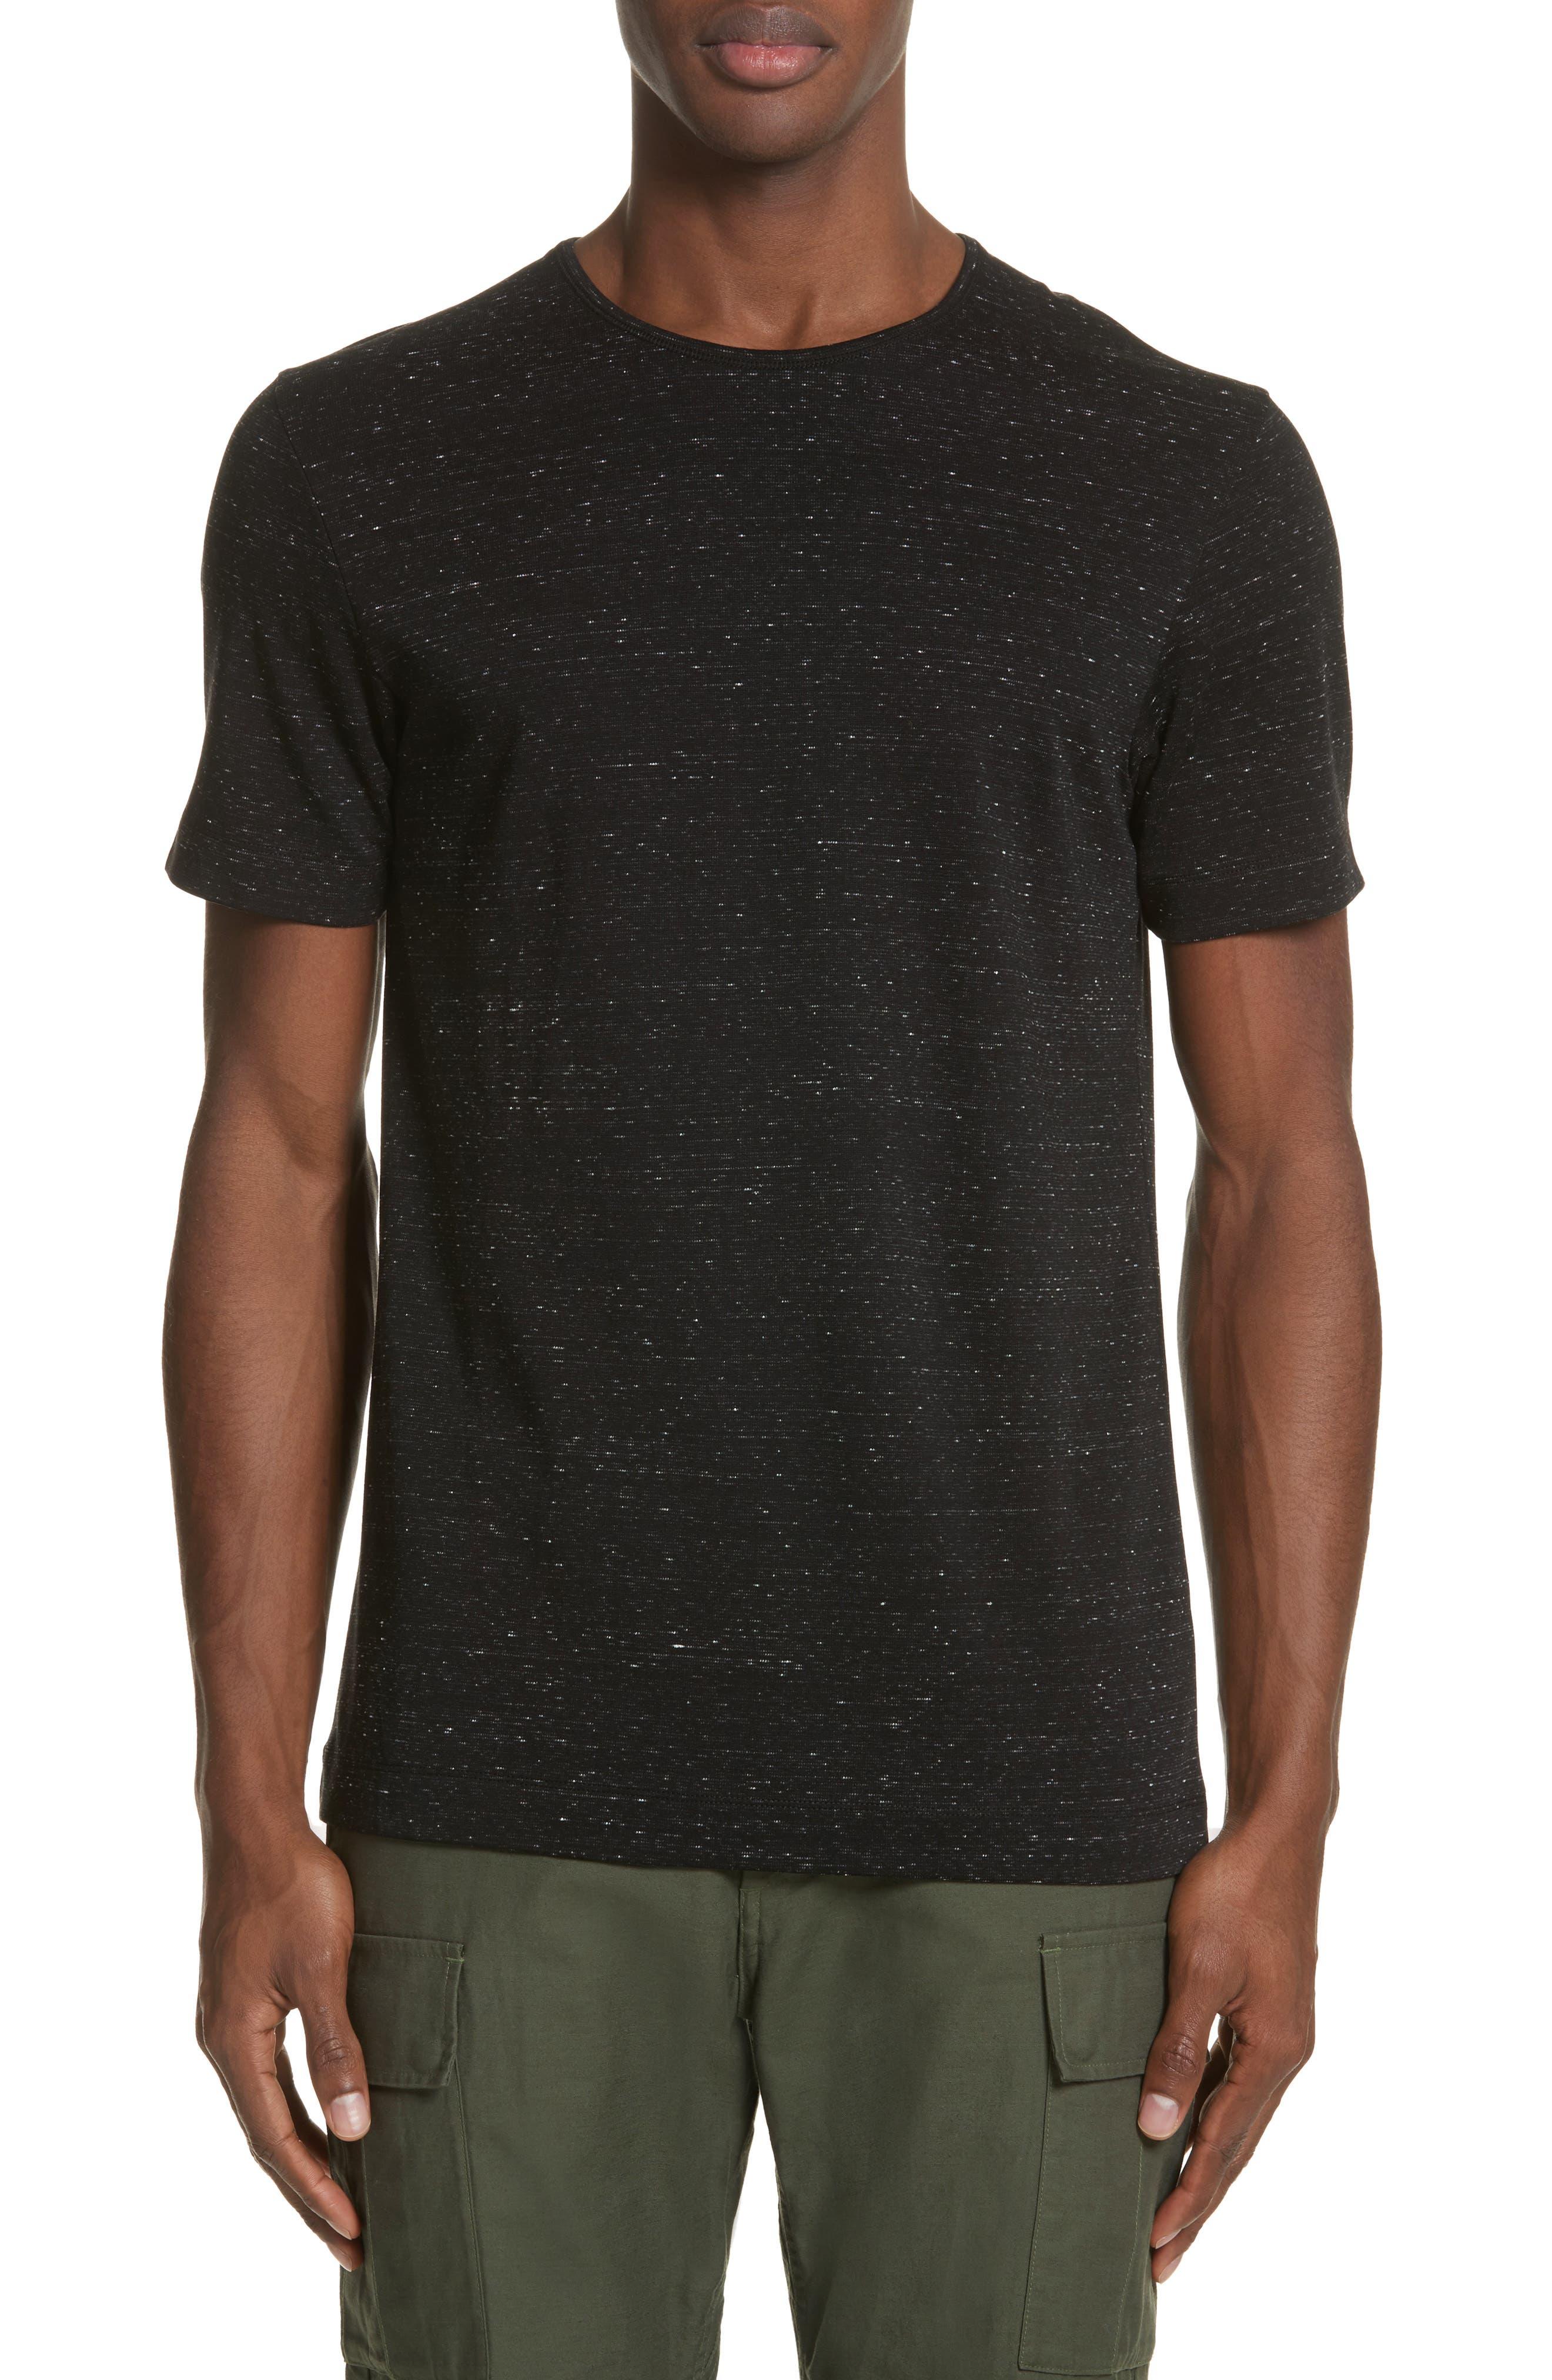 Signals T-Shirt,                             Main thumbnail 1, color,                             005